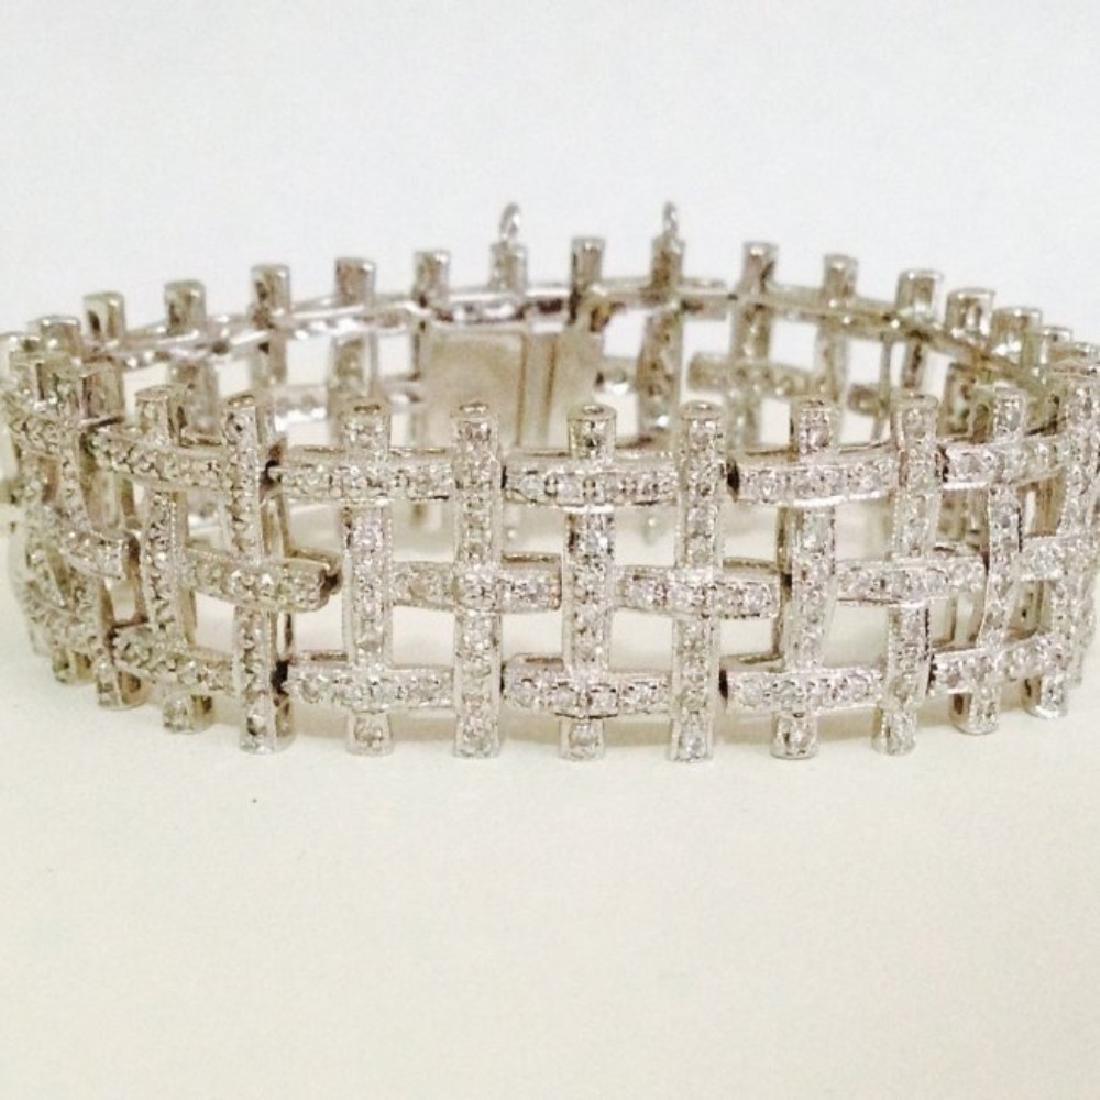 5 CARAT DIAMOND BRACELET SET IN 14K WHITE GOLD $17,750